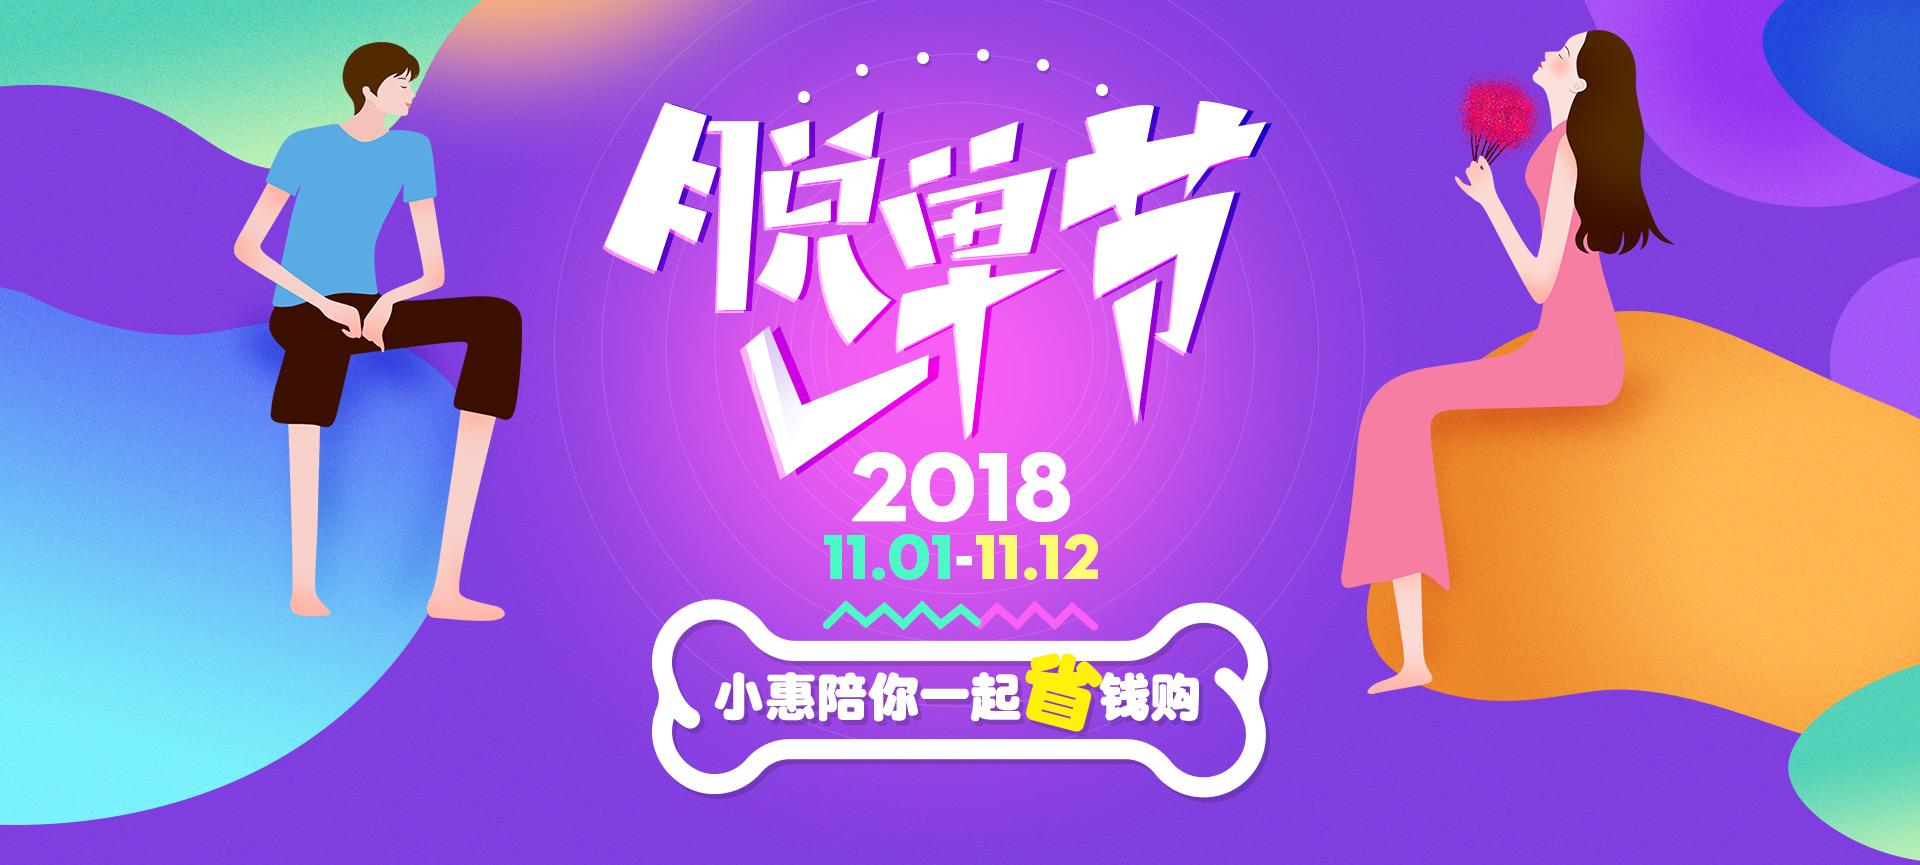 脱单节_2018.11.01~11.12小惠陪你一起省钱购